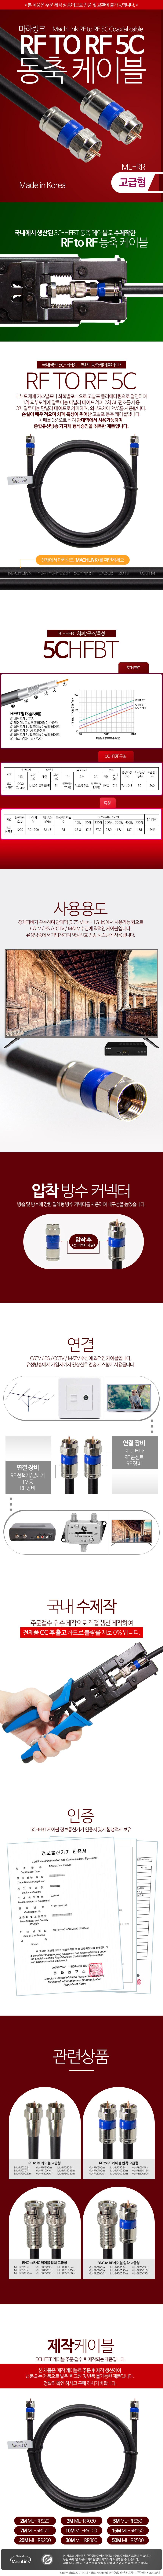 마하링크  RF to RF 5C 동축 케이블 (ML-RR)(15m)